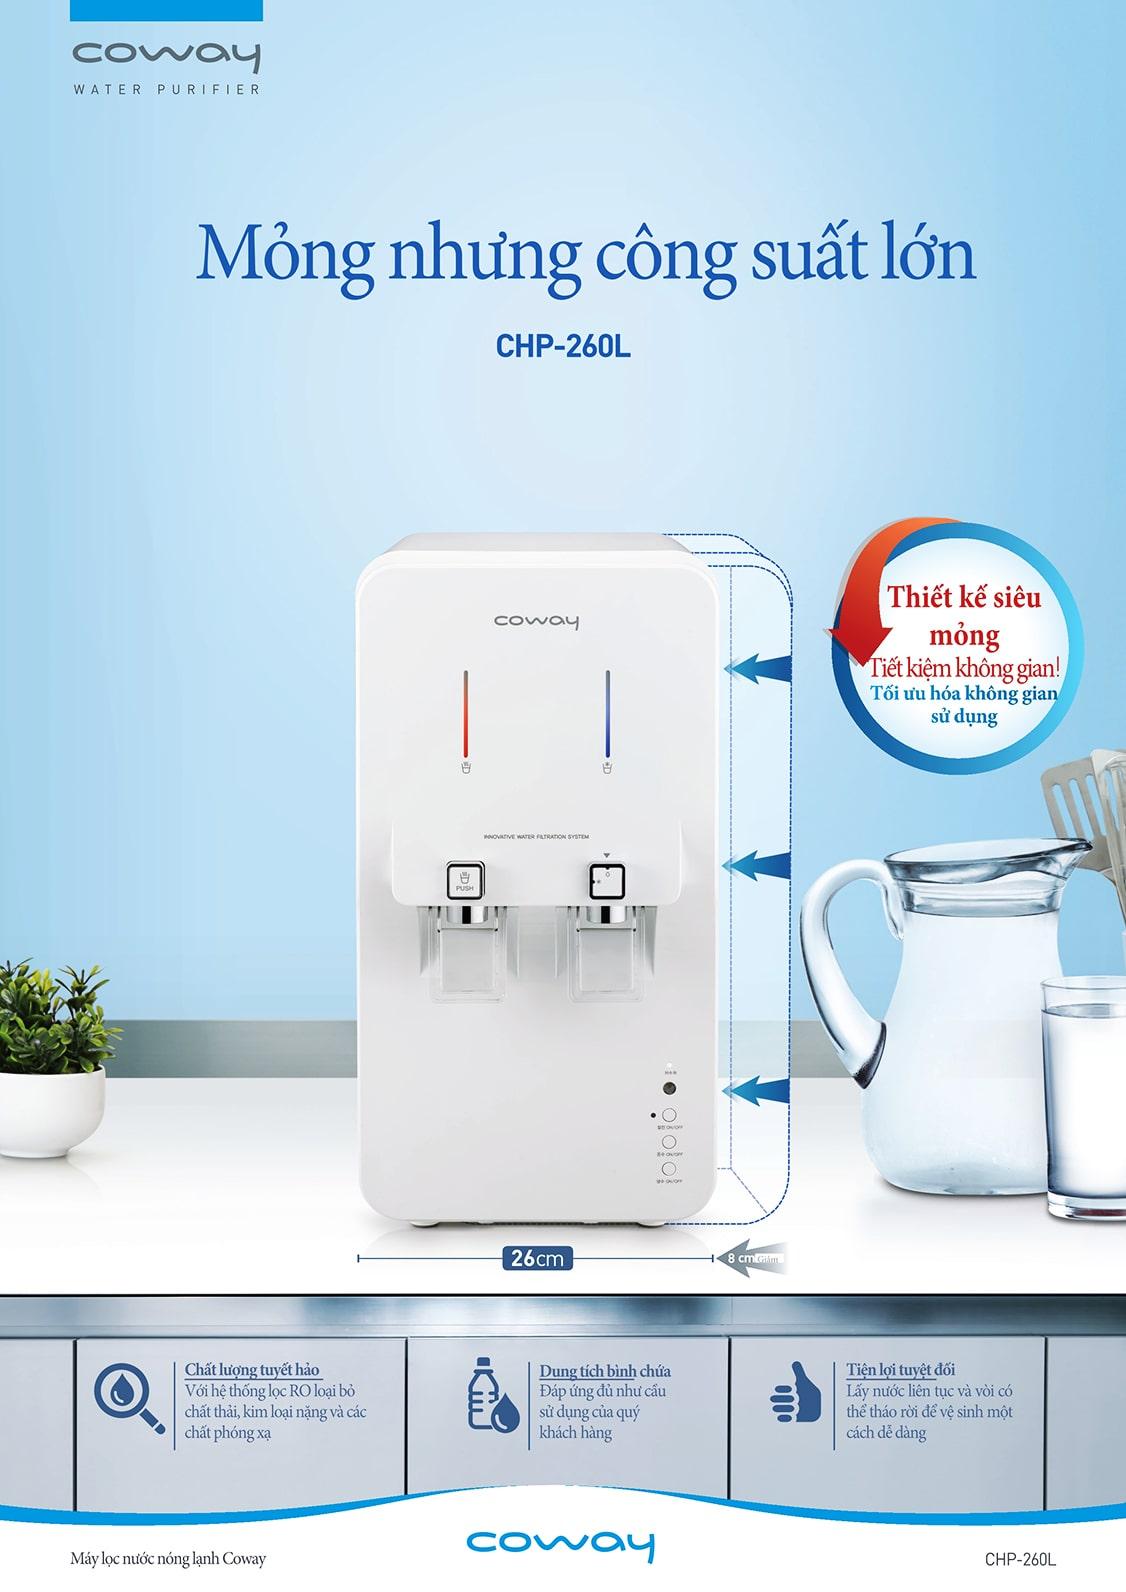 Máy lọc nước nóng lạnh Coway đều được nhập khẩu nguyên chiếc từ Hàn Quốc